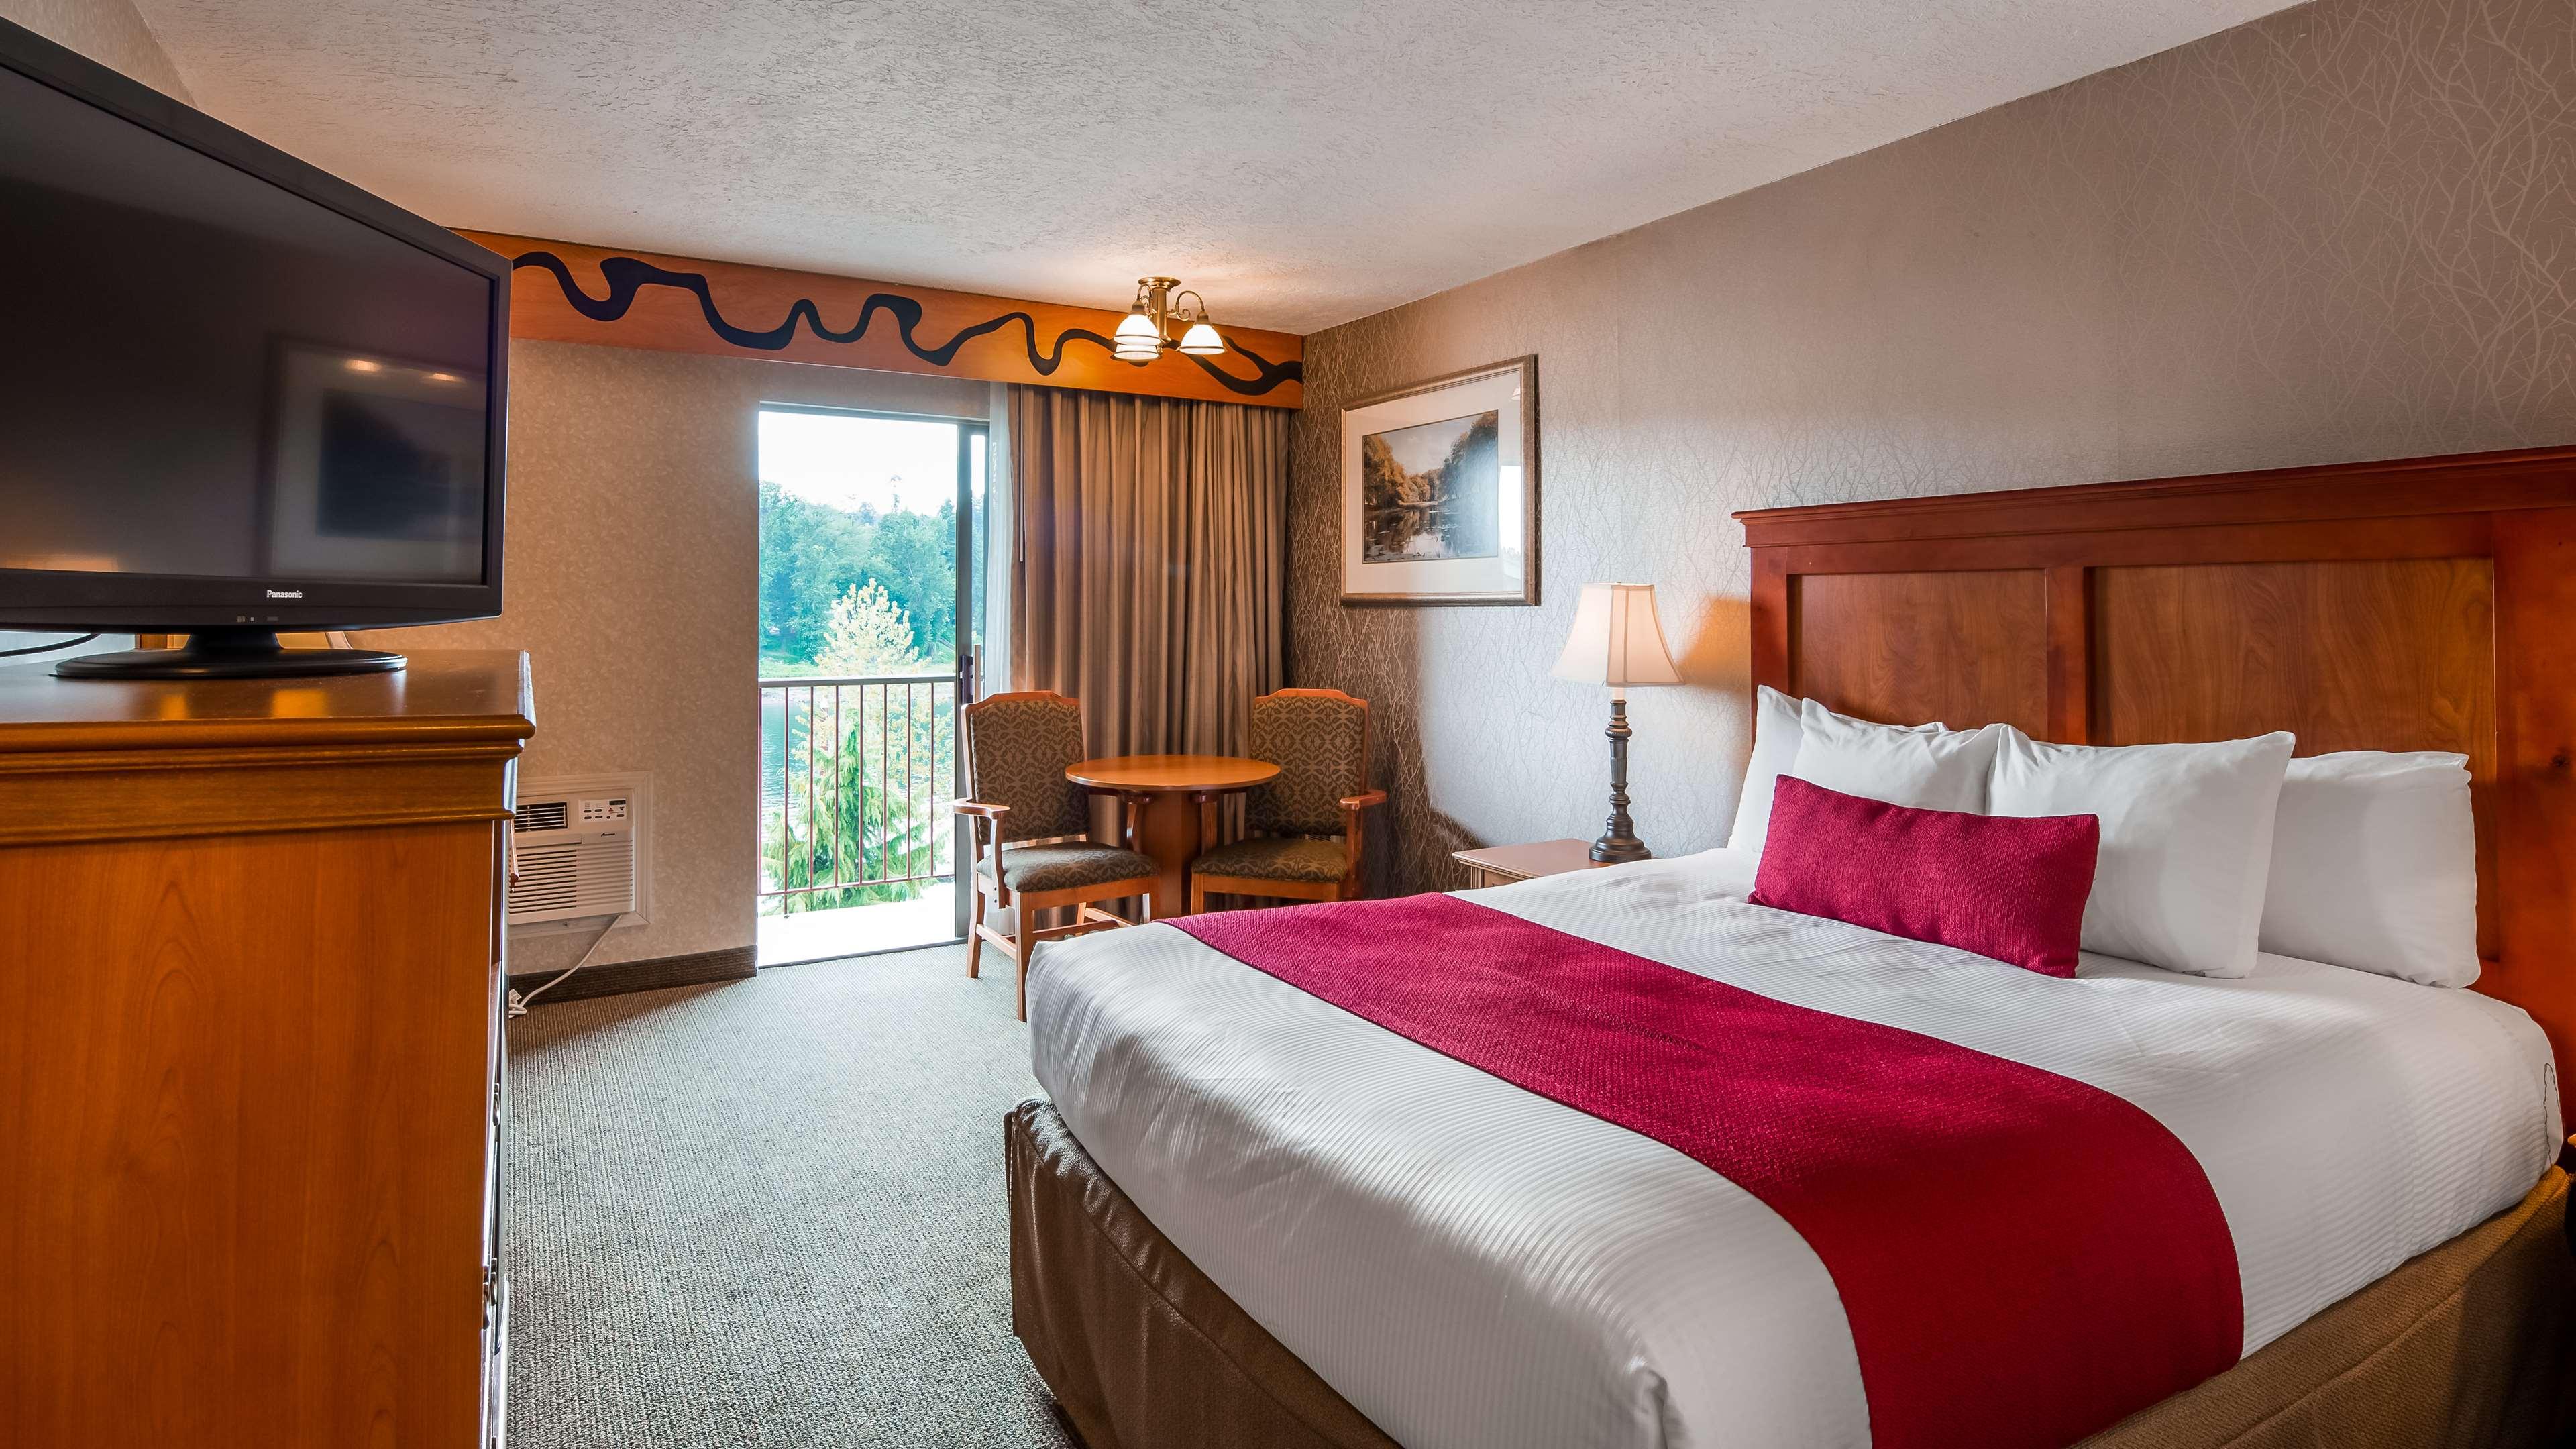 Best Western Plus Rivershore Hotel image 11